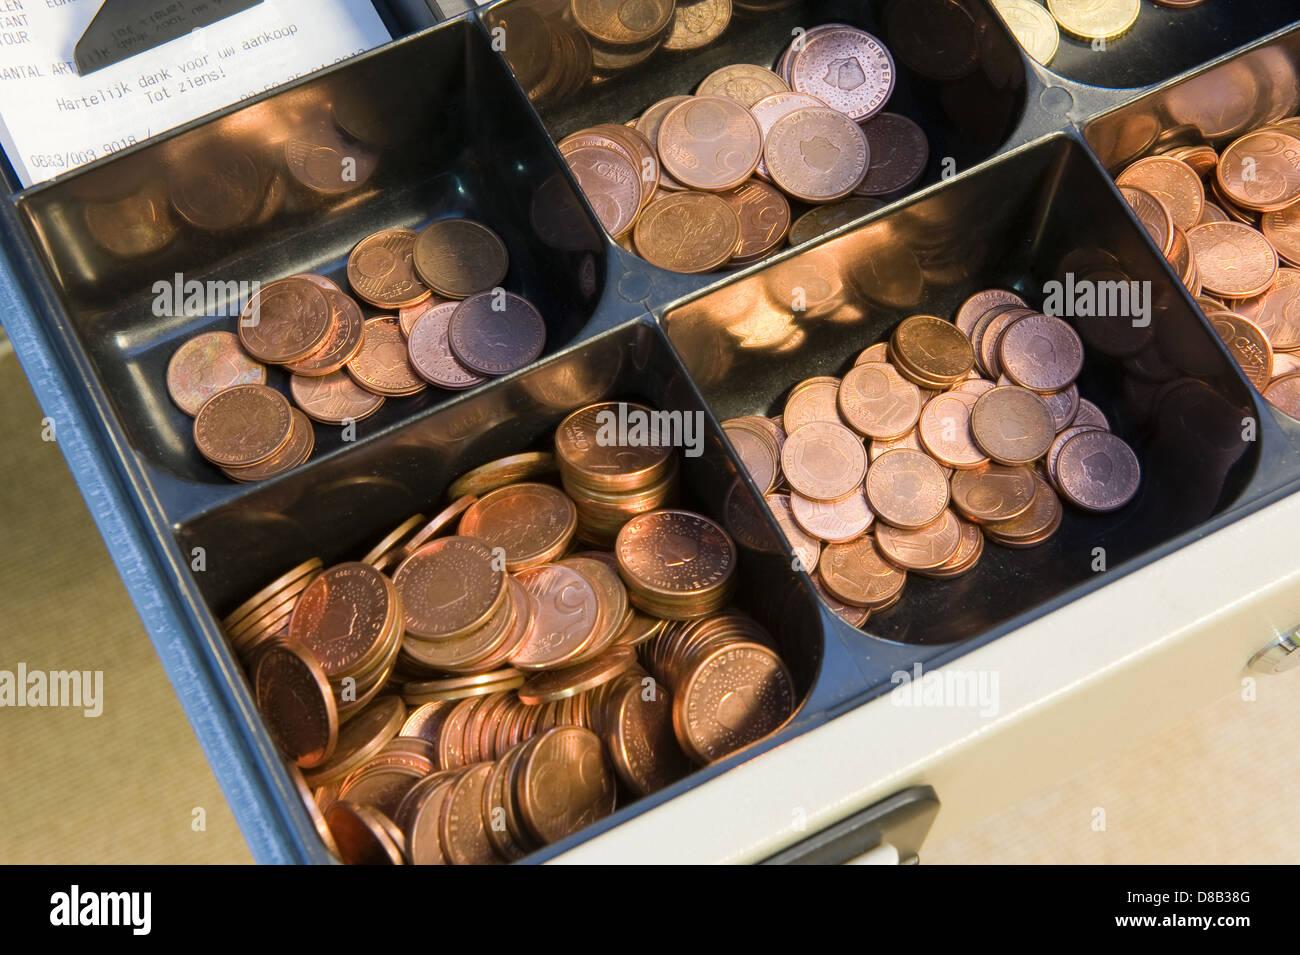 L'argent en espèces en caisse à un paydesk dans un magasin Photo Stock